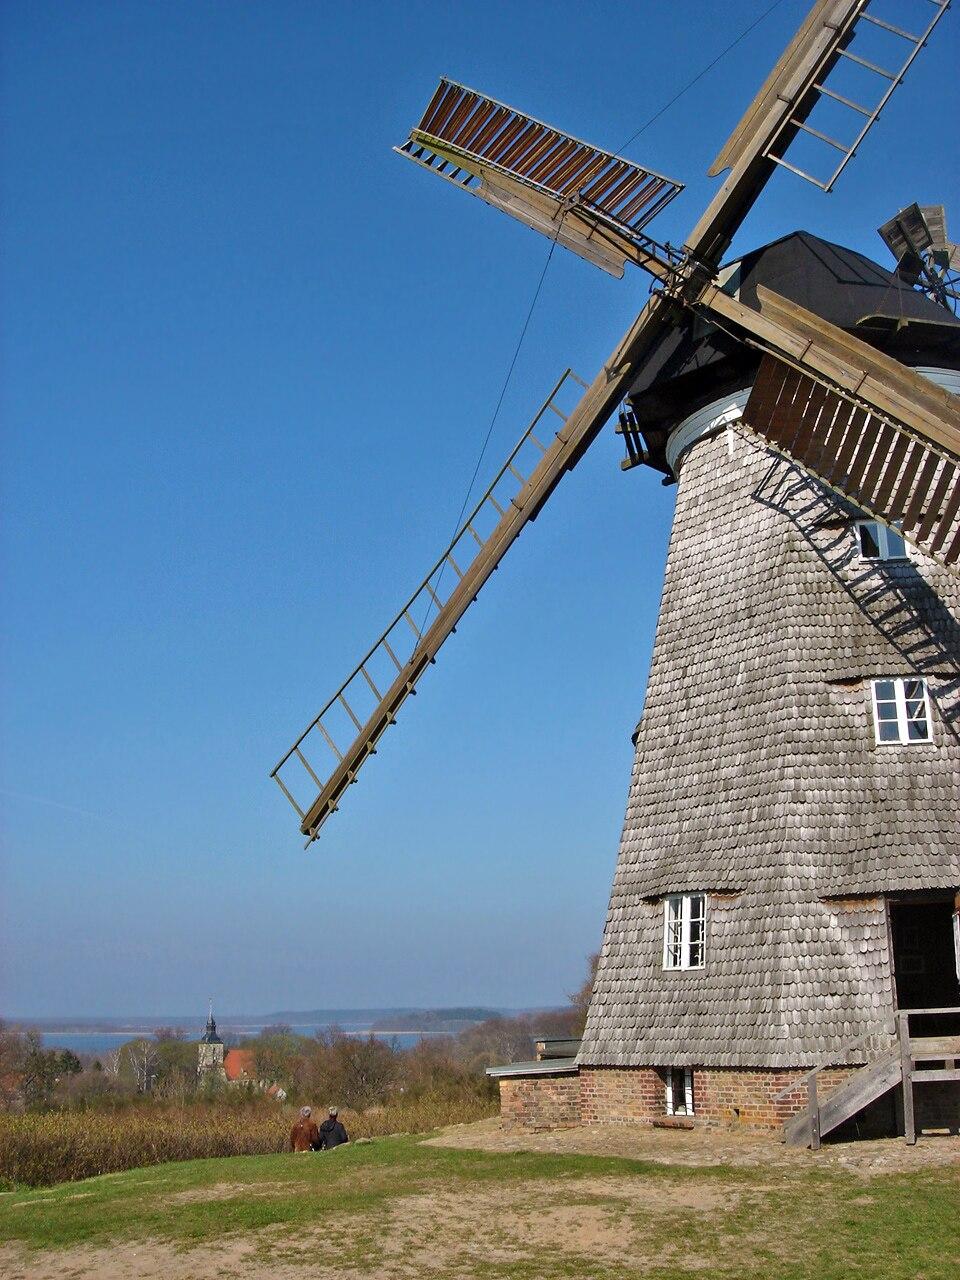 Benz Holl%C3%A4nder Windm%C3%BChle Berg Dorf Schmollensee